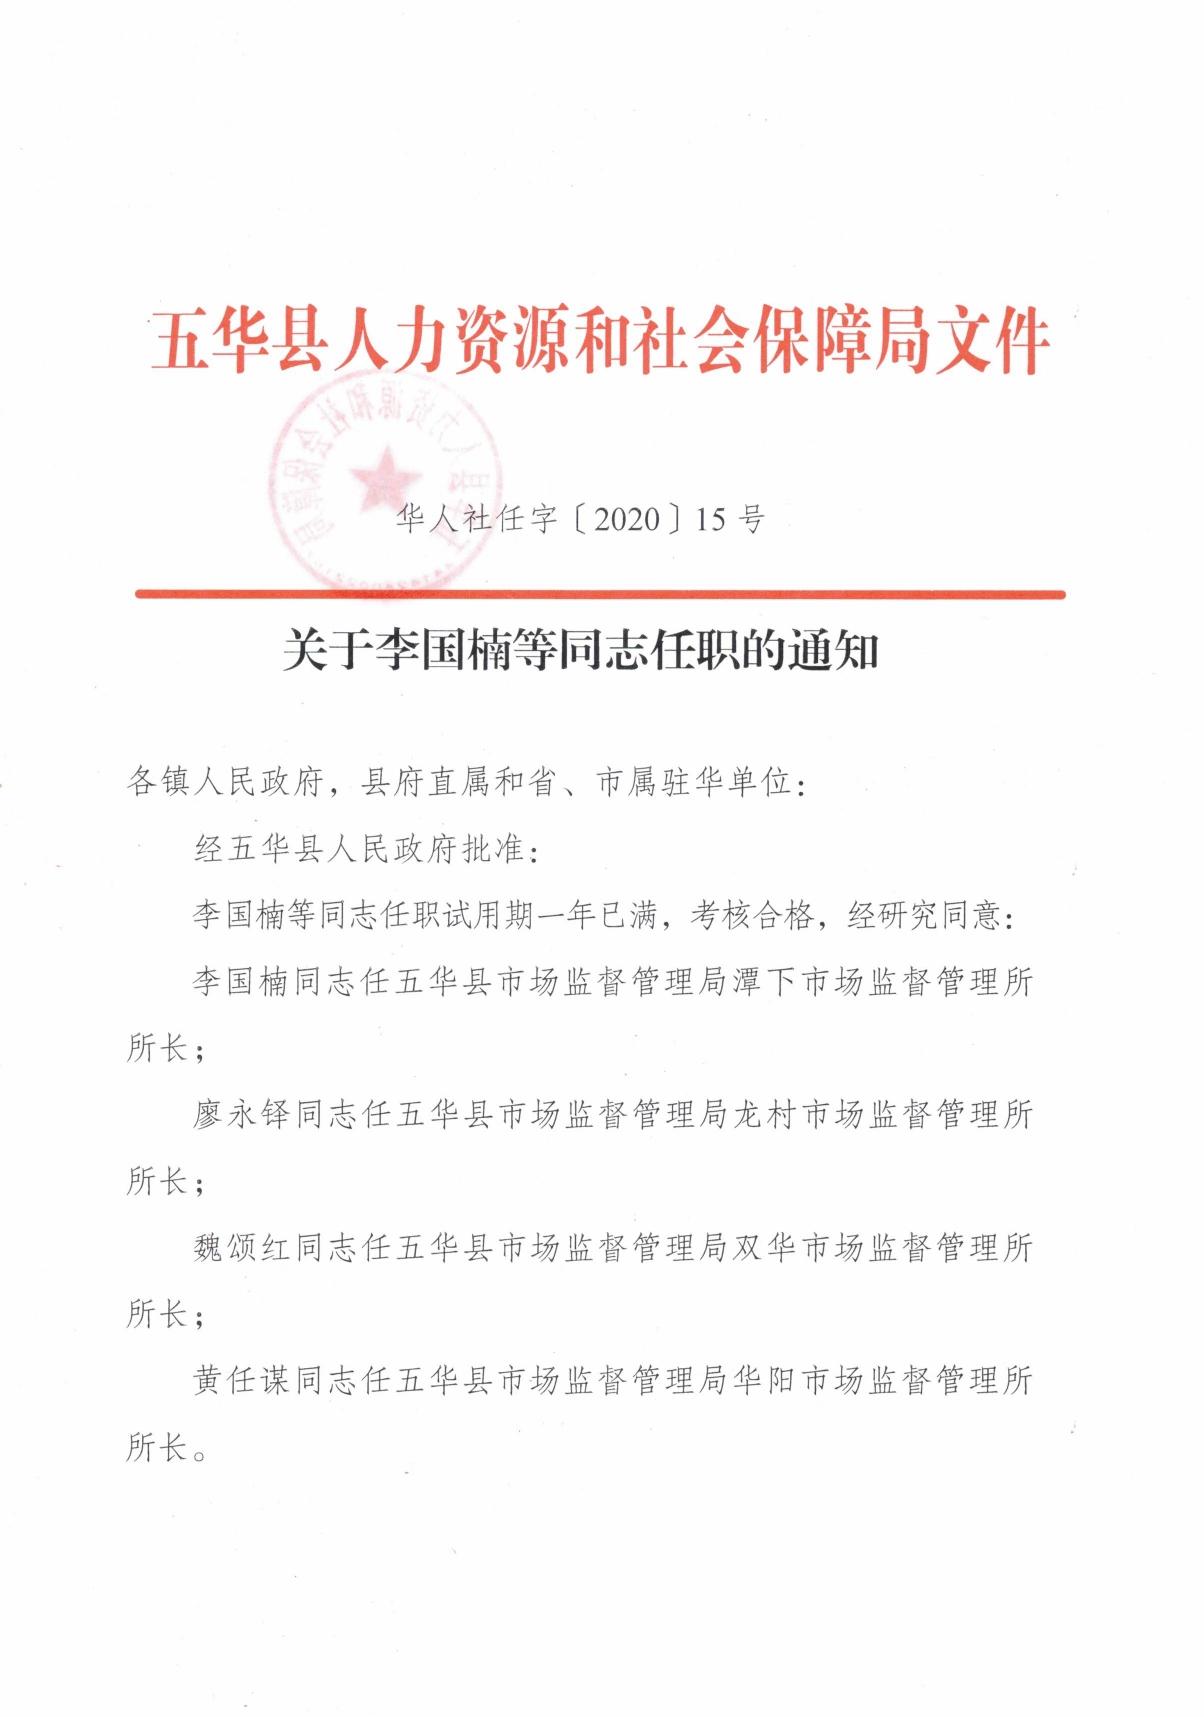 华人社任字【2020】15号(1)0000.jpg